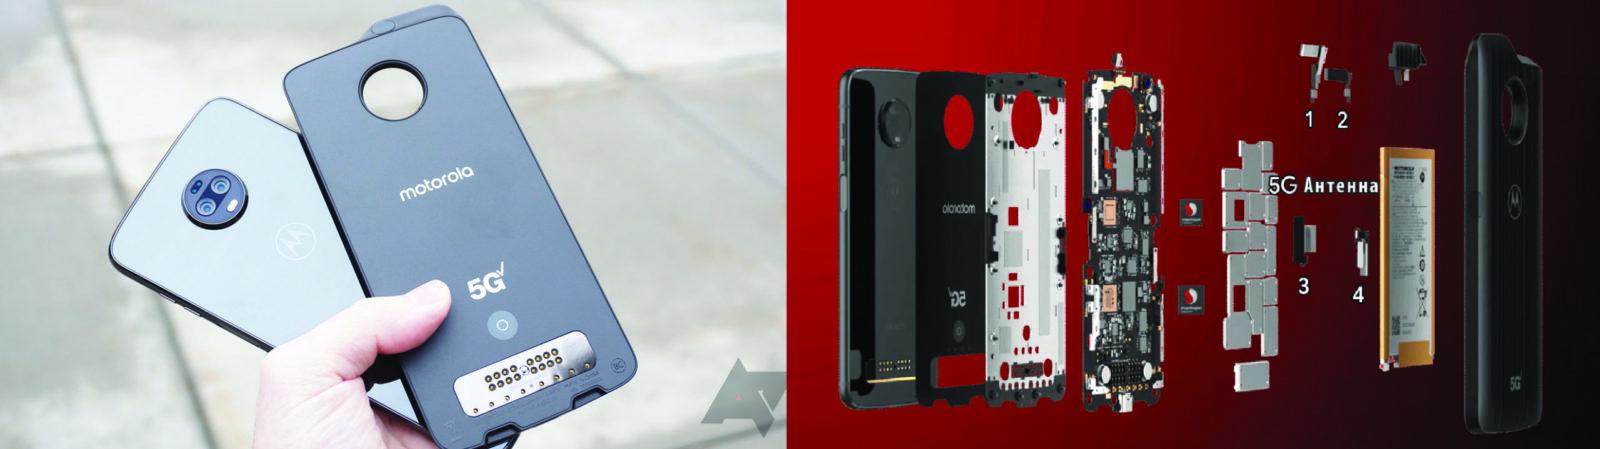 В состав смартфона 5G Mod входят батарея, процессор Snapdragon 855, модем X50 5G и четыре антенны 5G